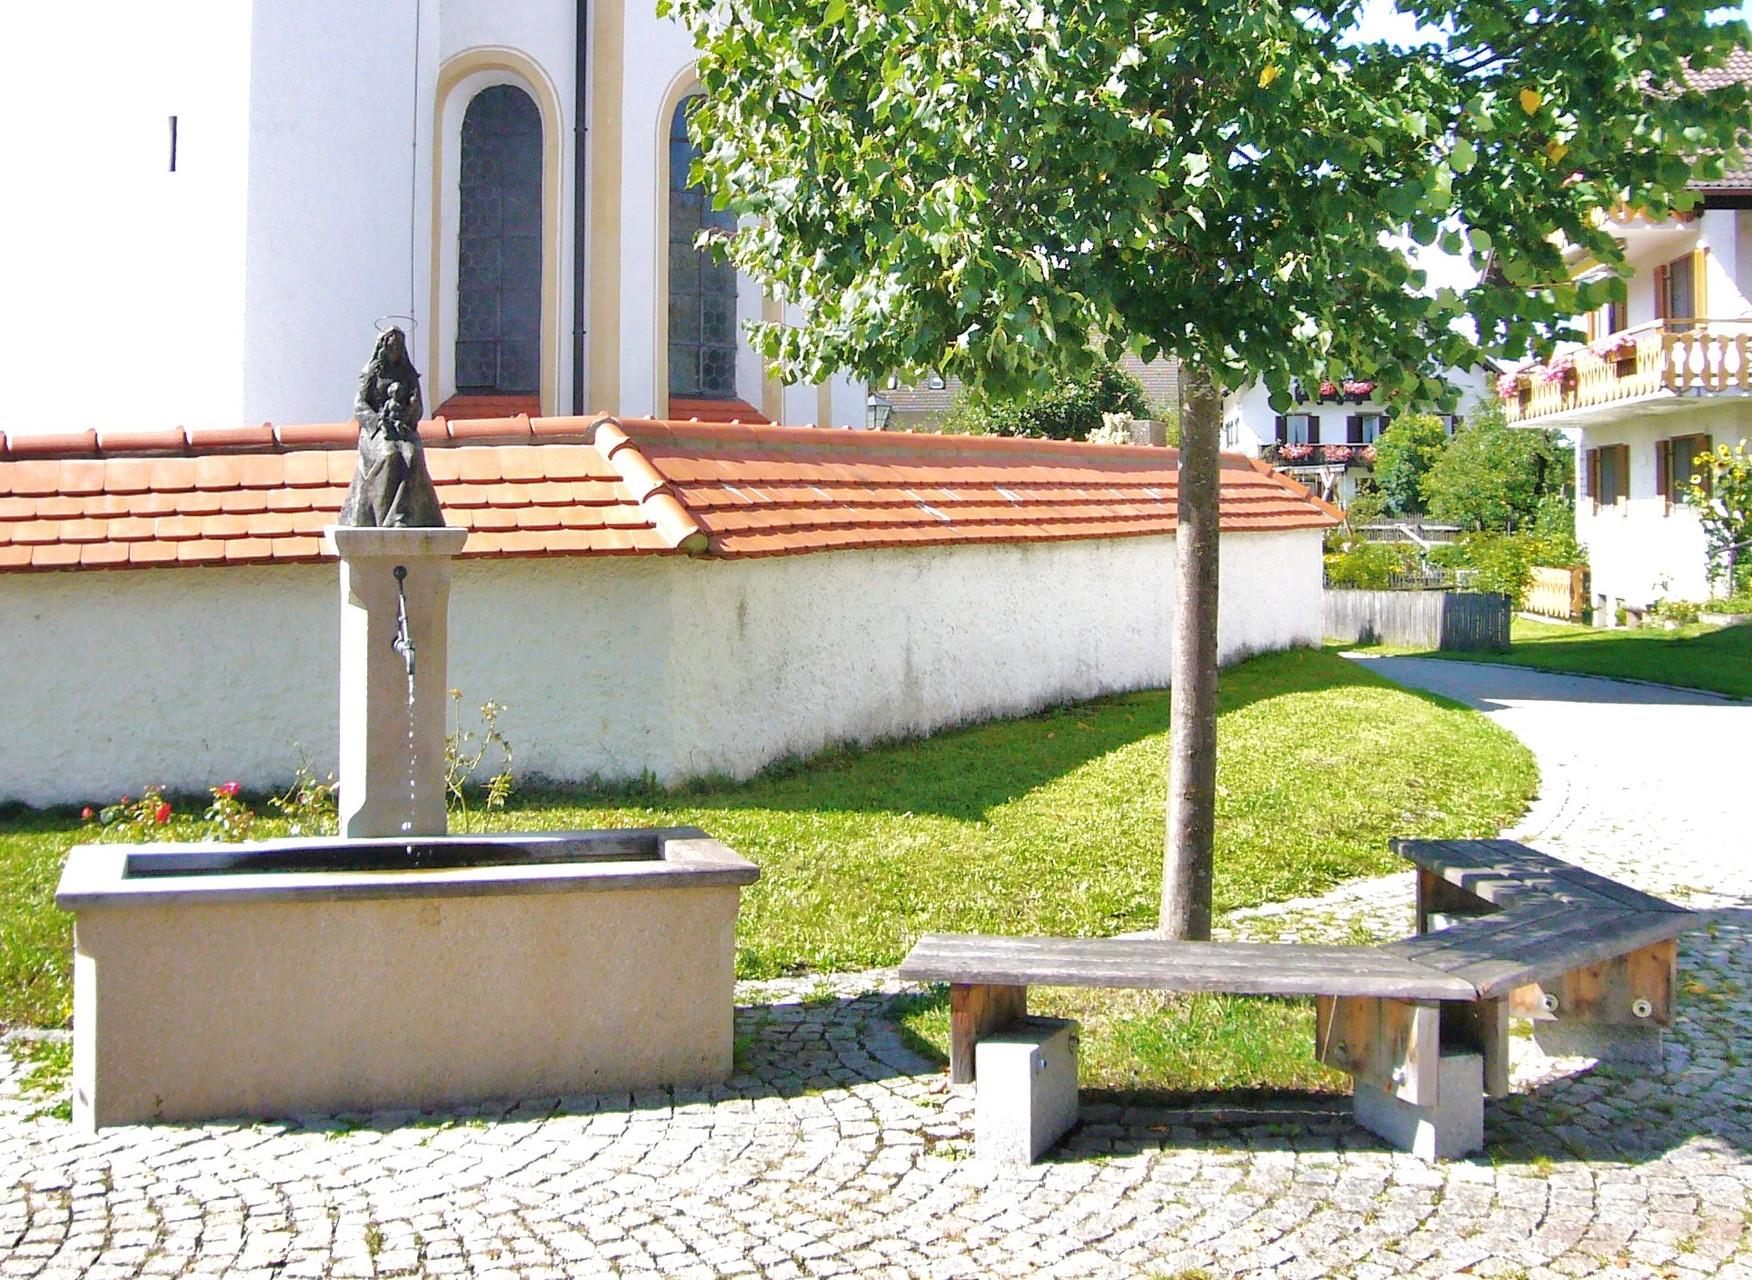 Gesamte Anlage vor der Kirche